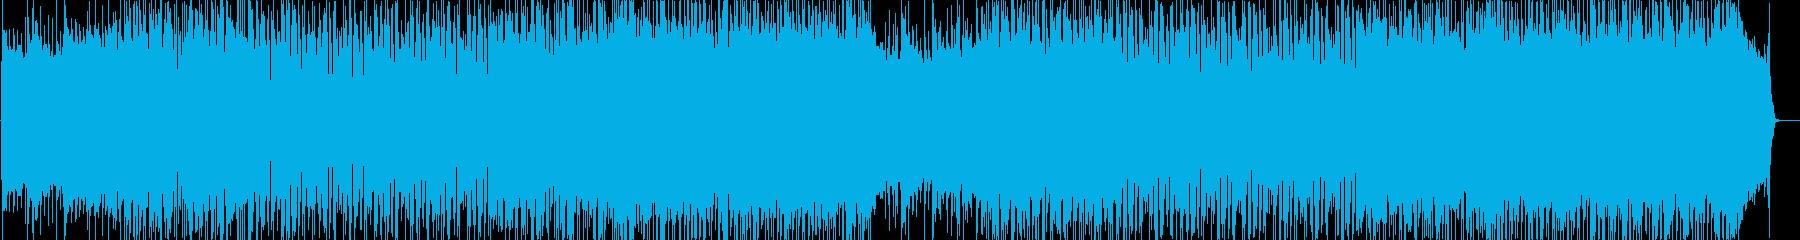 オーソドックスでシンプルなハードロックの再生済みの波形